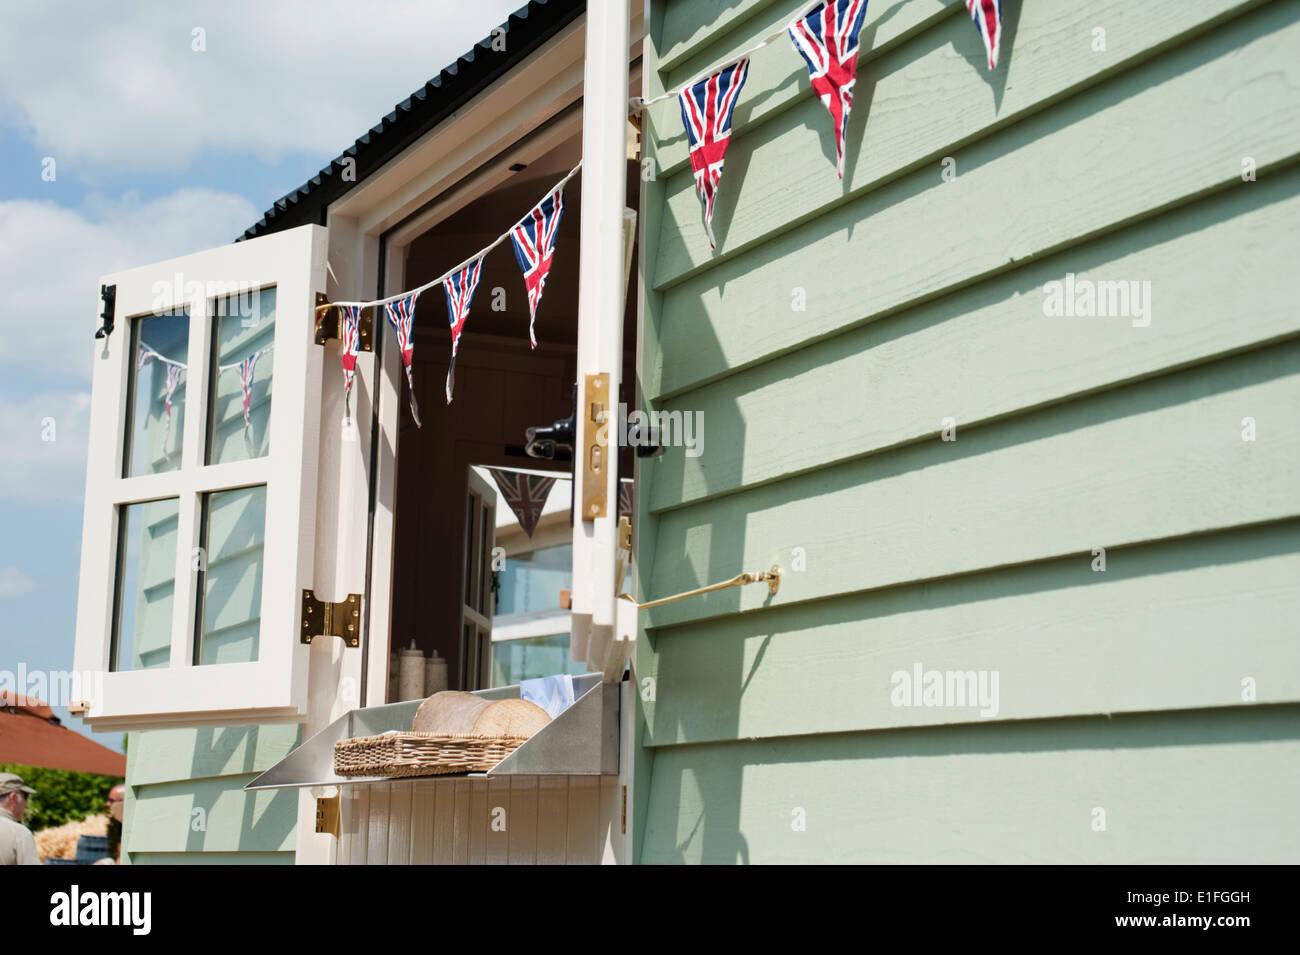 Il daylesford summer festival a loro farmshop vicino kingham, Gloucestershire, Inghilterra, Regno Unito. Immagini Stock